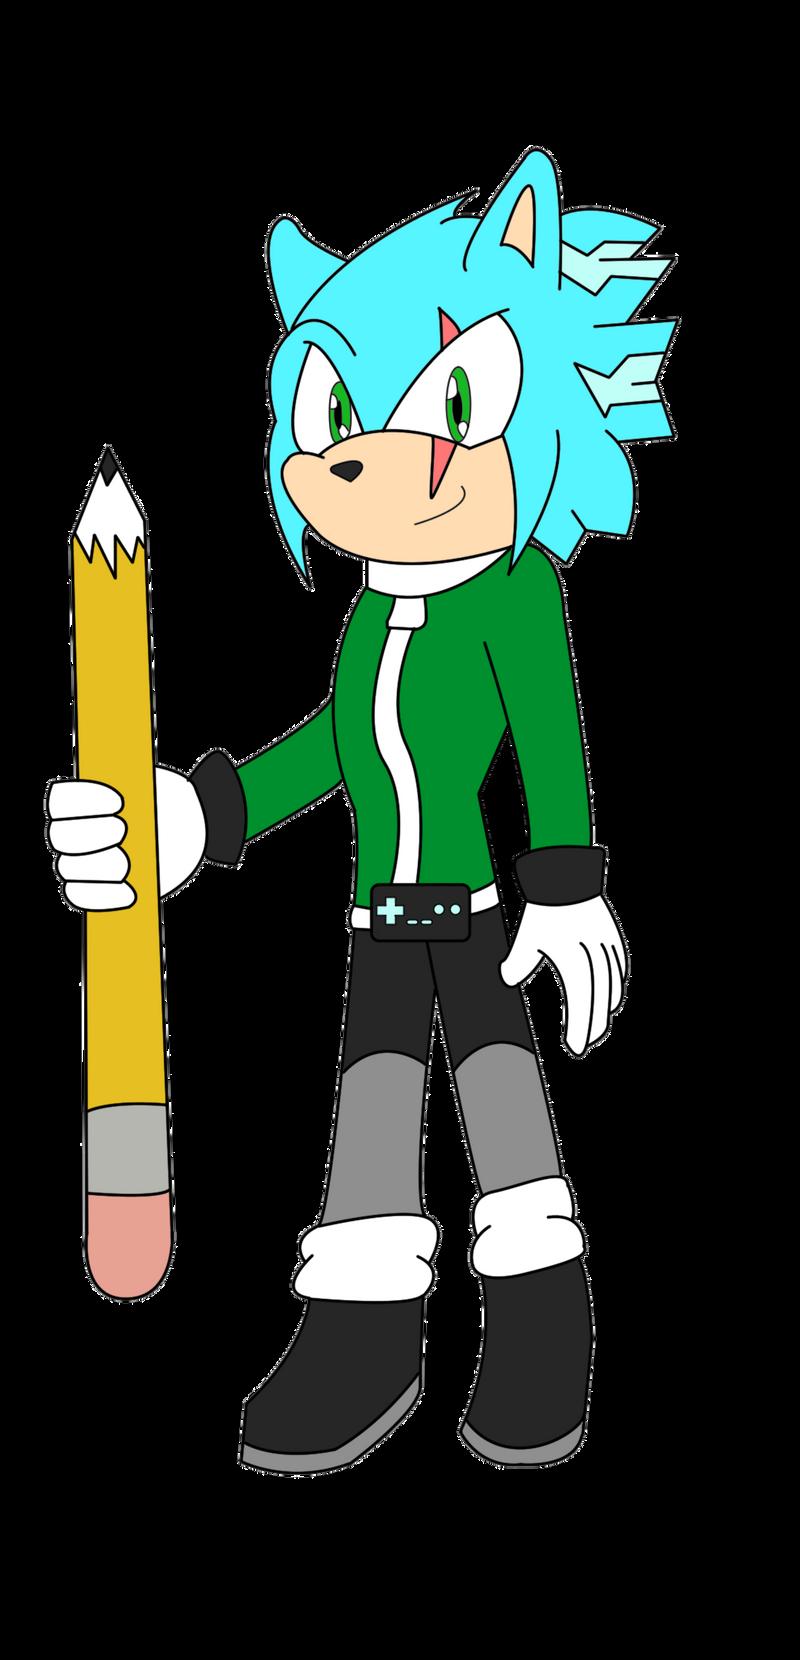 IceeDaHedgehog's Profile Picture